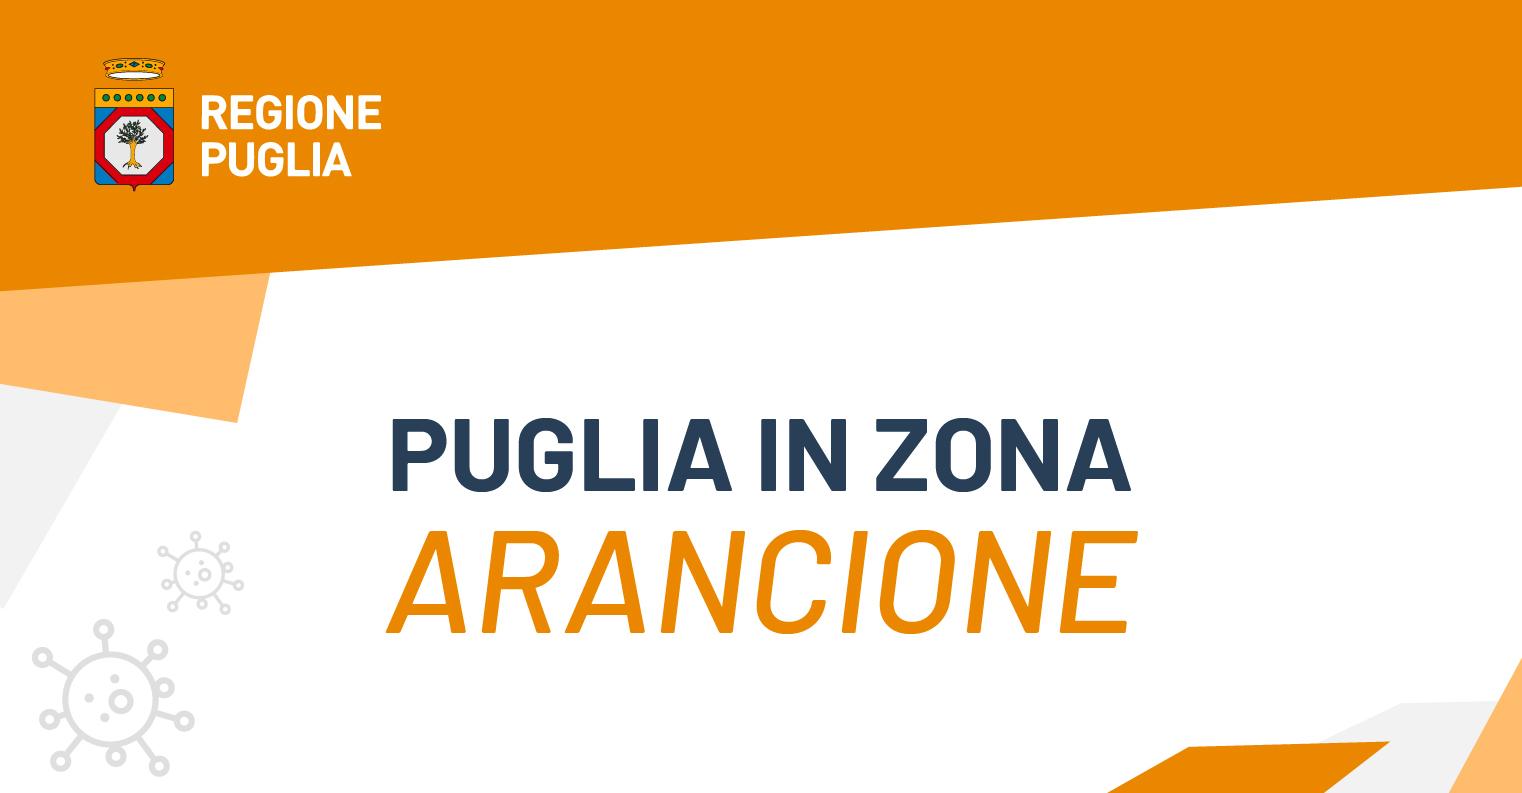 La Puglia resta Zona Arancione per un'altra settimana, almeno fino al 14 febbraio